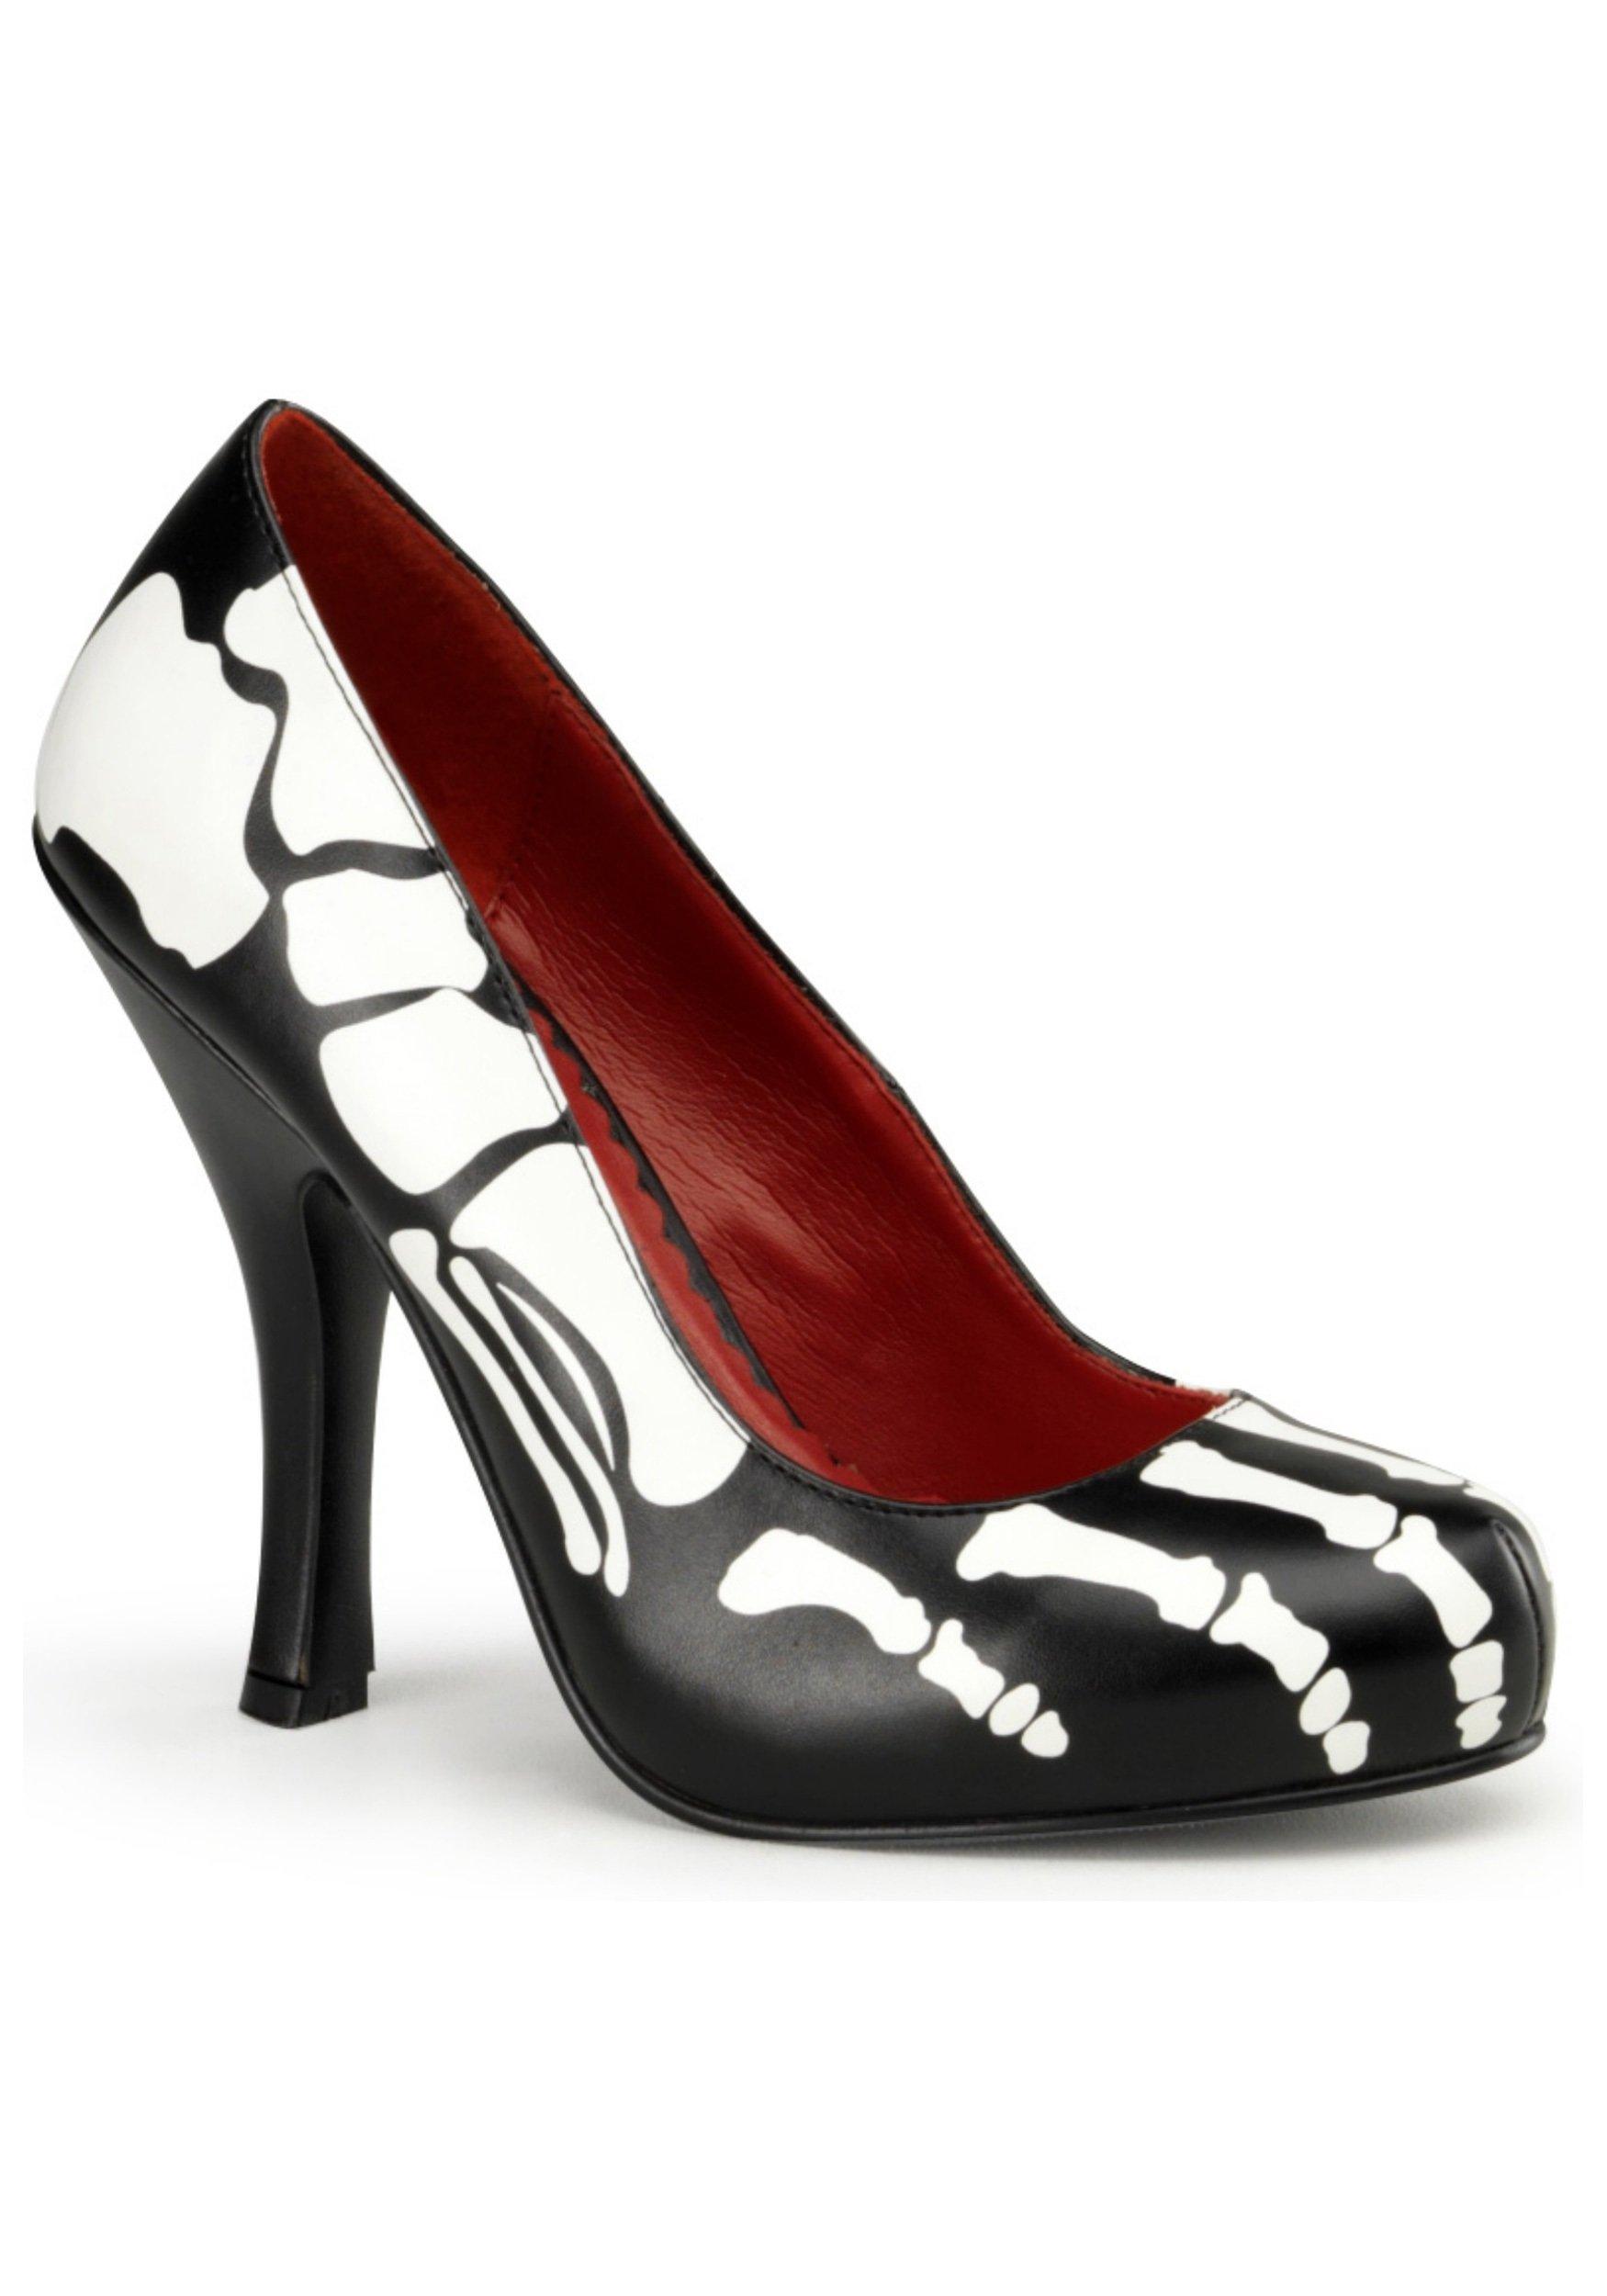 Skeleton High Heels - 8